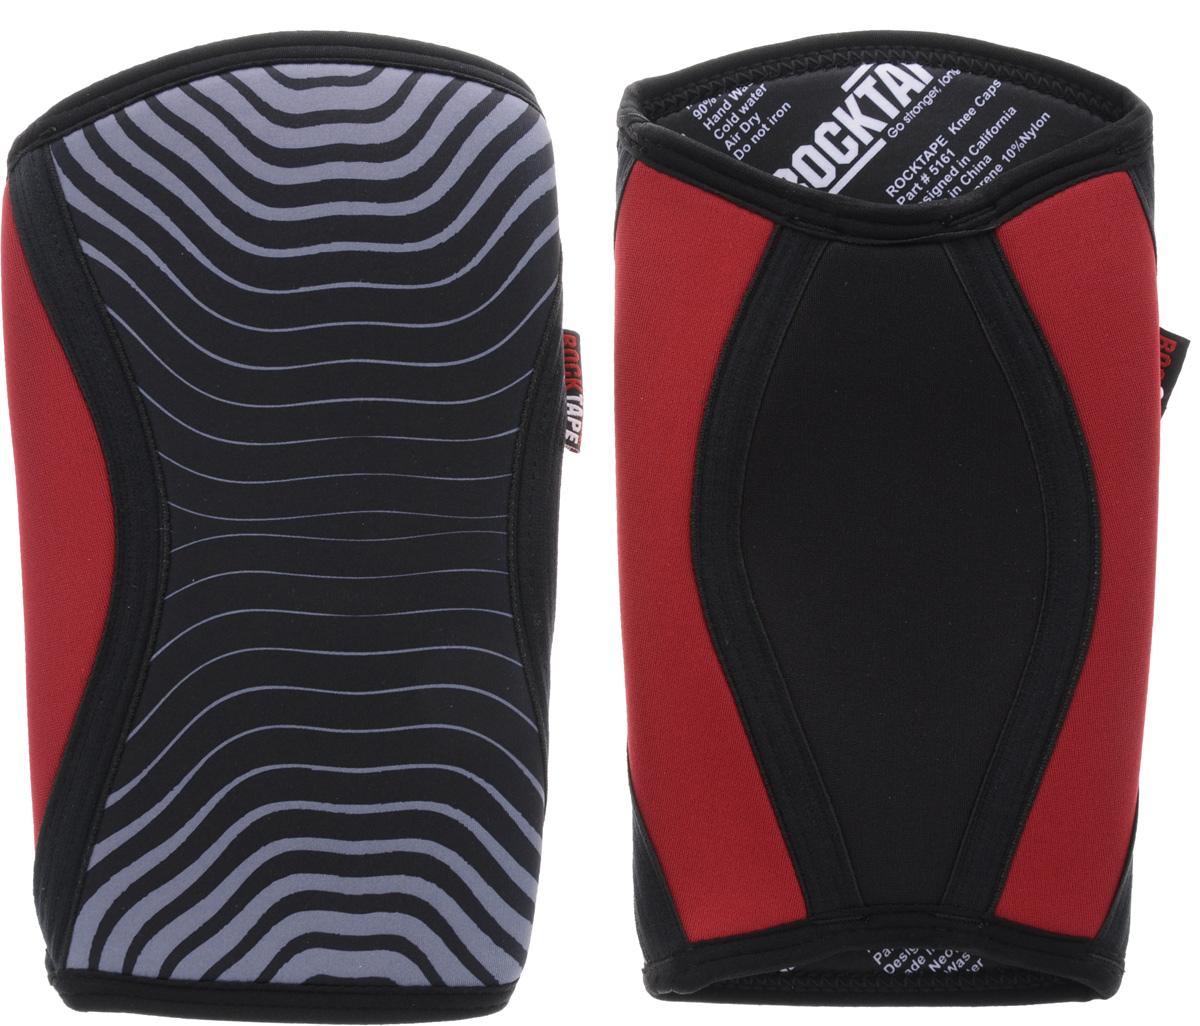 Наколенники Rocktape KneeCaps, цвет: красный, серый, черный, толщина 7 мм. Размер MRTKnCps-Mf-7-MRocktape KneeCaps - это компрессионные наколенники для тяжелой атлетики/CrossFit. Наколенники созданы специально, чтобы обеспечить компрессионный и согревающий эффект, а также придать стабильность коленному суставу для выполнения функциональных движений, таких как становая тяга, пистолет, приседания со штангой. В отличие от аналогов, наколенники Rocktape KneeCaps более высокие и разработаны специально для компрессии VMO (косой медиальной широкой мышцы бедра) в месте ее прикрепления над коленной чашечкой, чтобы обеспечить надлежащую стабилизацию колена и контроль. Помимо стабилизации, они создают компрессионный и согревающий эффект, что улучшает кровоток. Толщина: 7 мм. Обхват колена: 34-37 см.